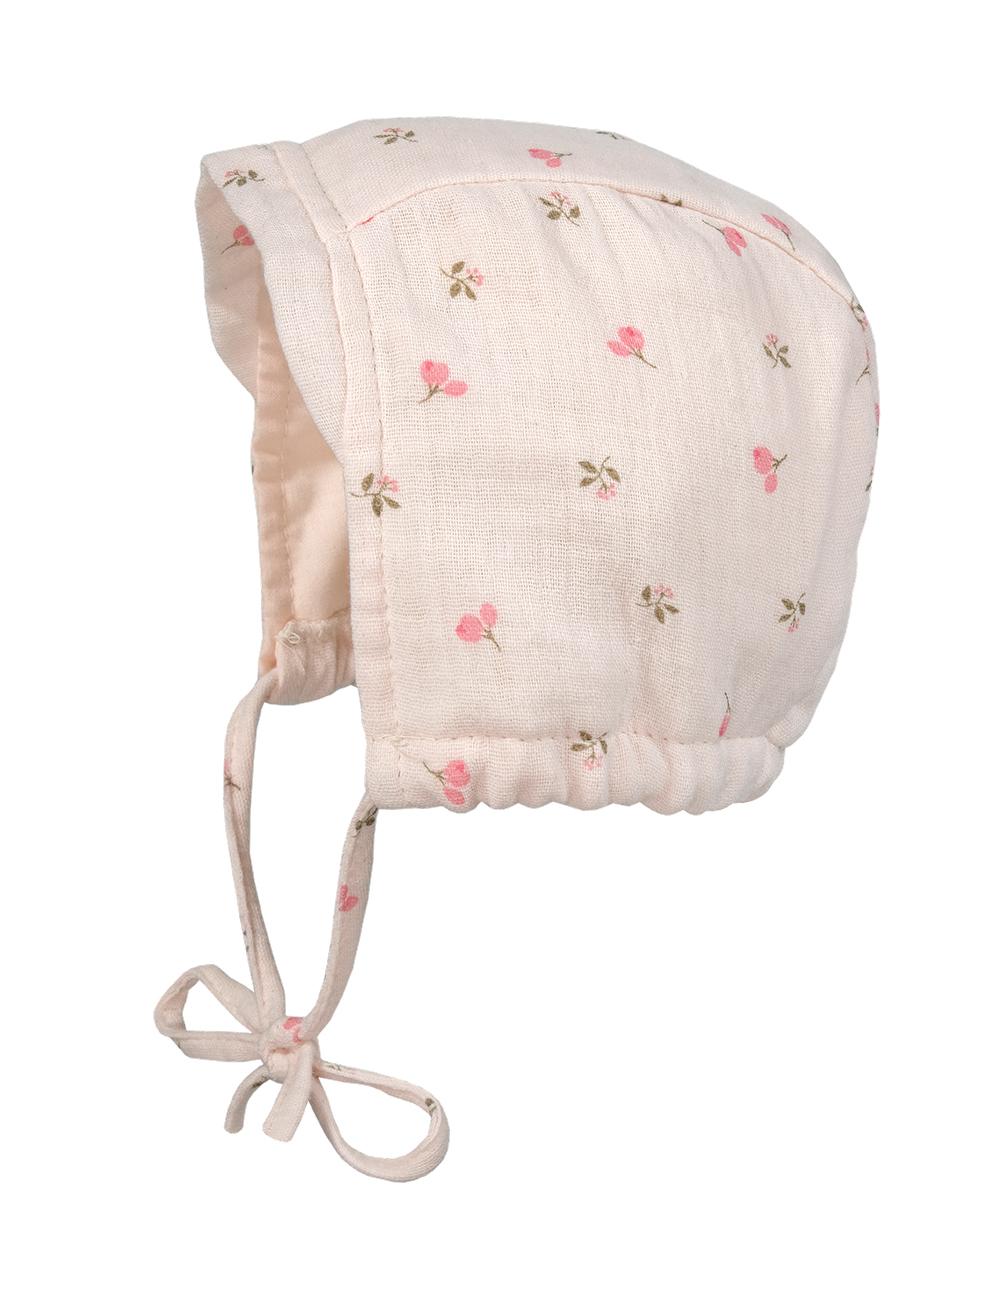 NEWBORN-Schute 39 Maximo. Farbe: blassrosa-pink-blümchen, Größe: 39